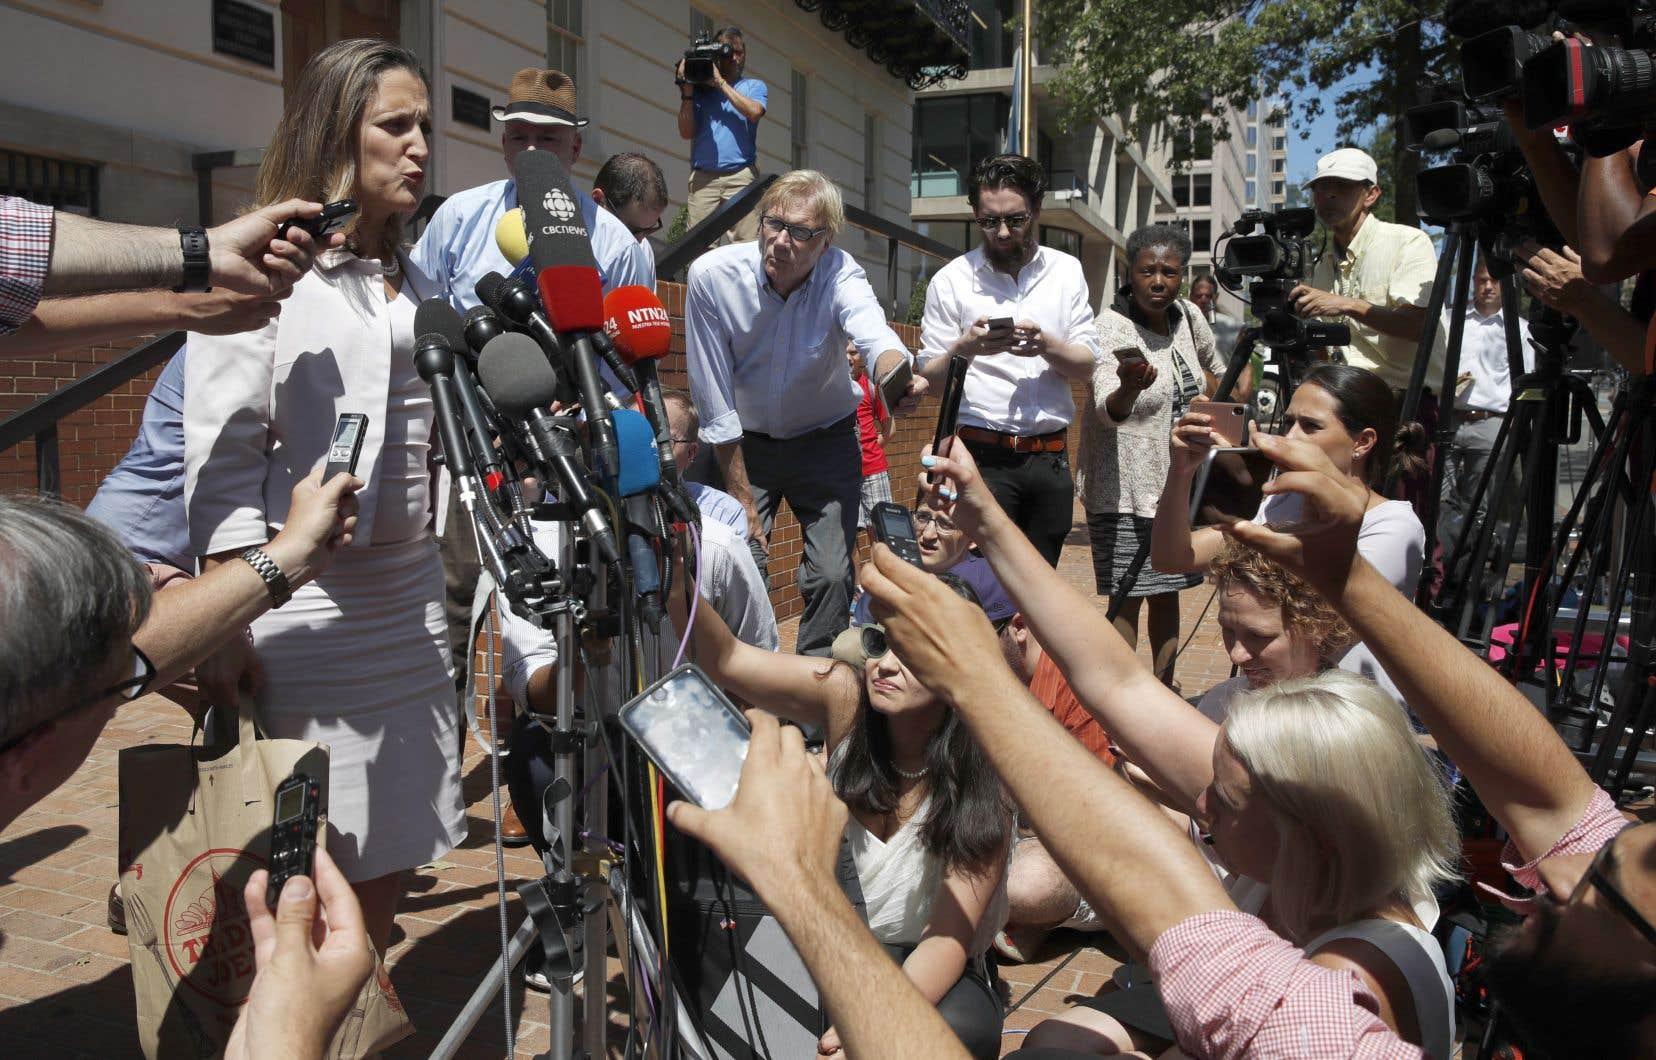 Jeudi matin, Chrystia Freeland avait déclaré qu'elle continuait à «être optimiste» sur la possibilité d'un accord d'ici vendredi.